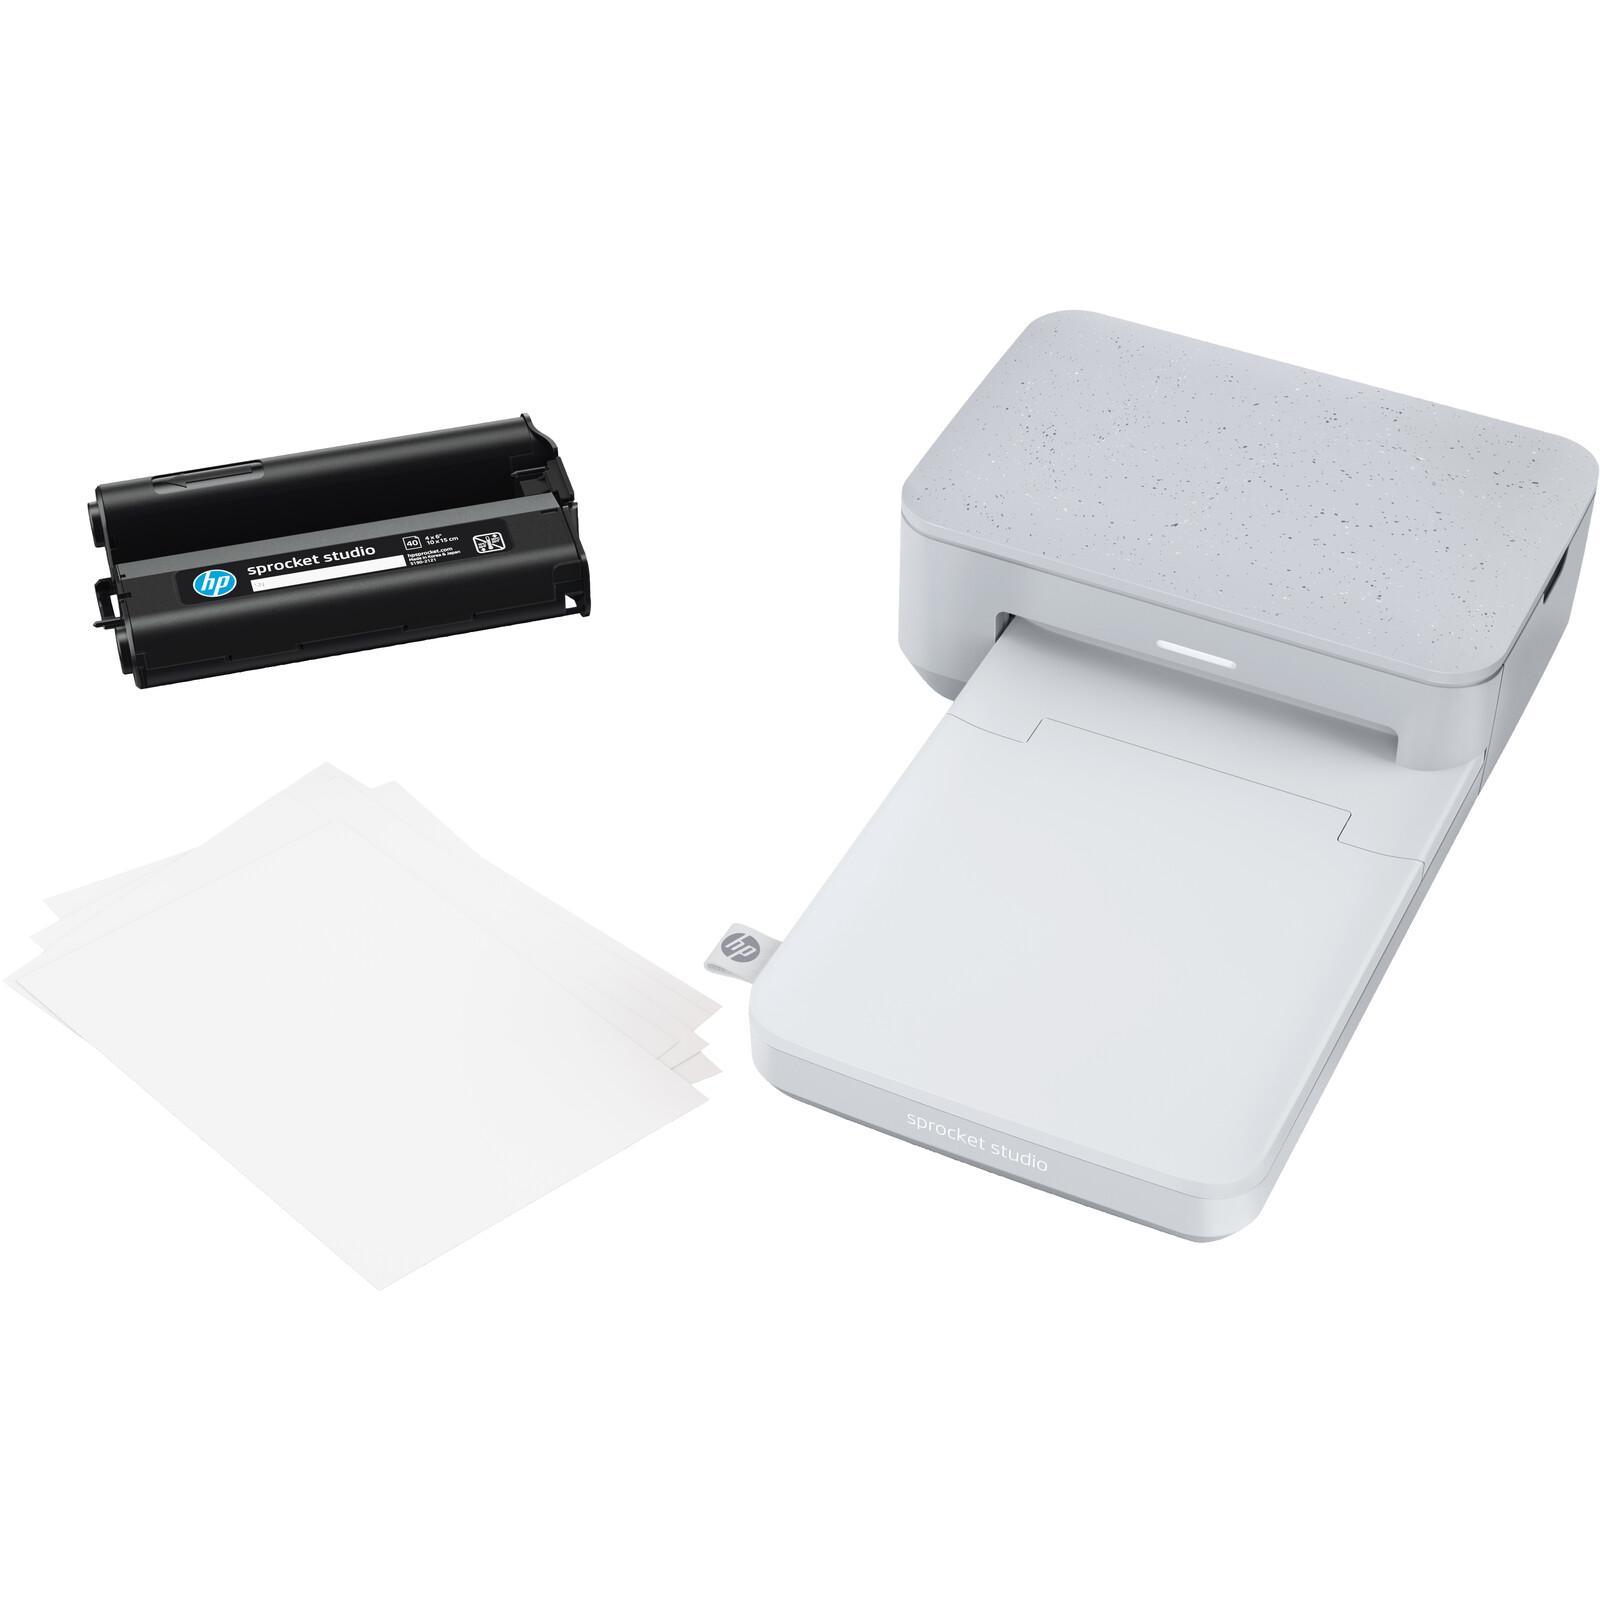 Fotodrucker HP Sprocket Studio